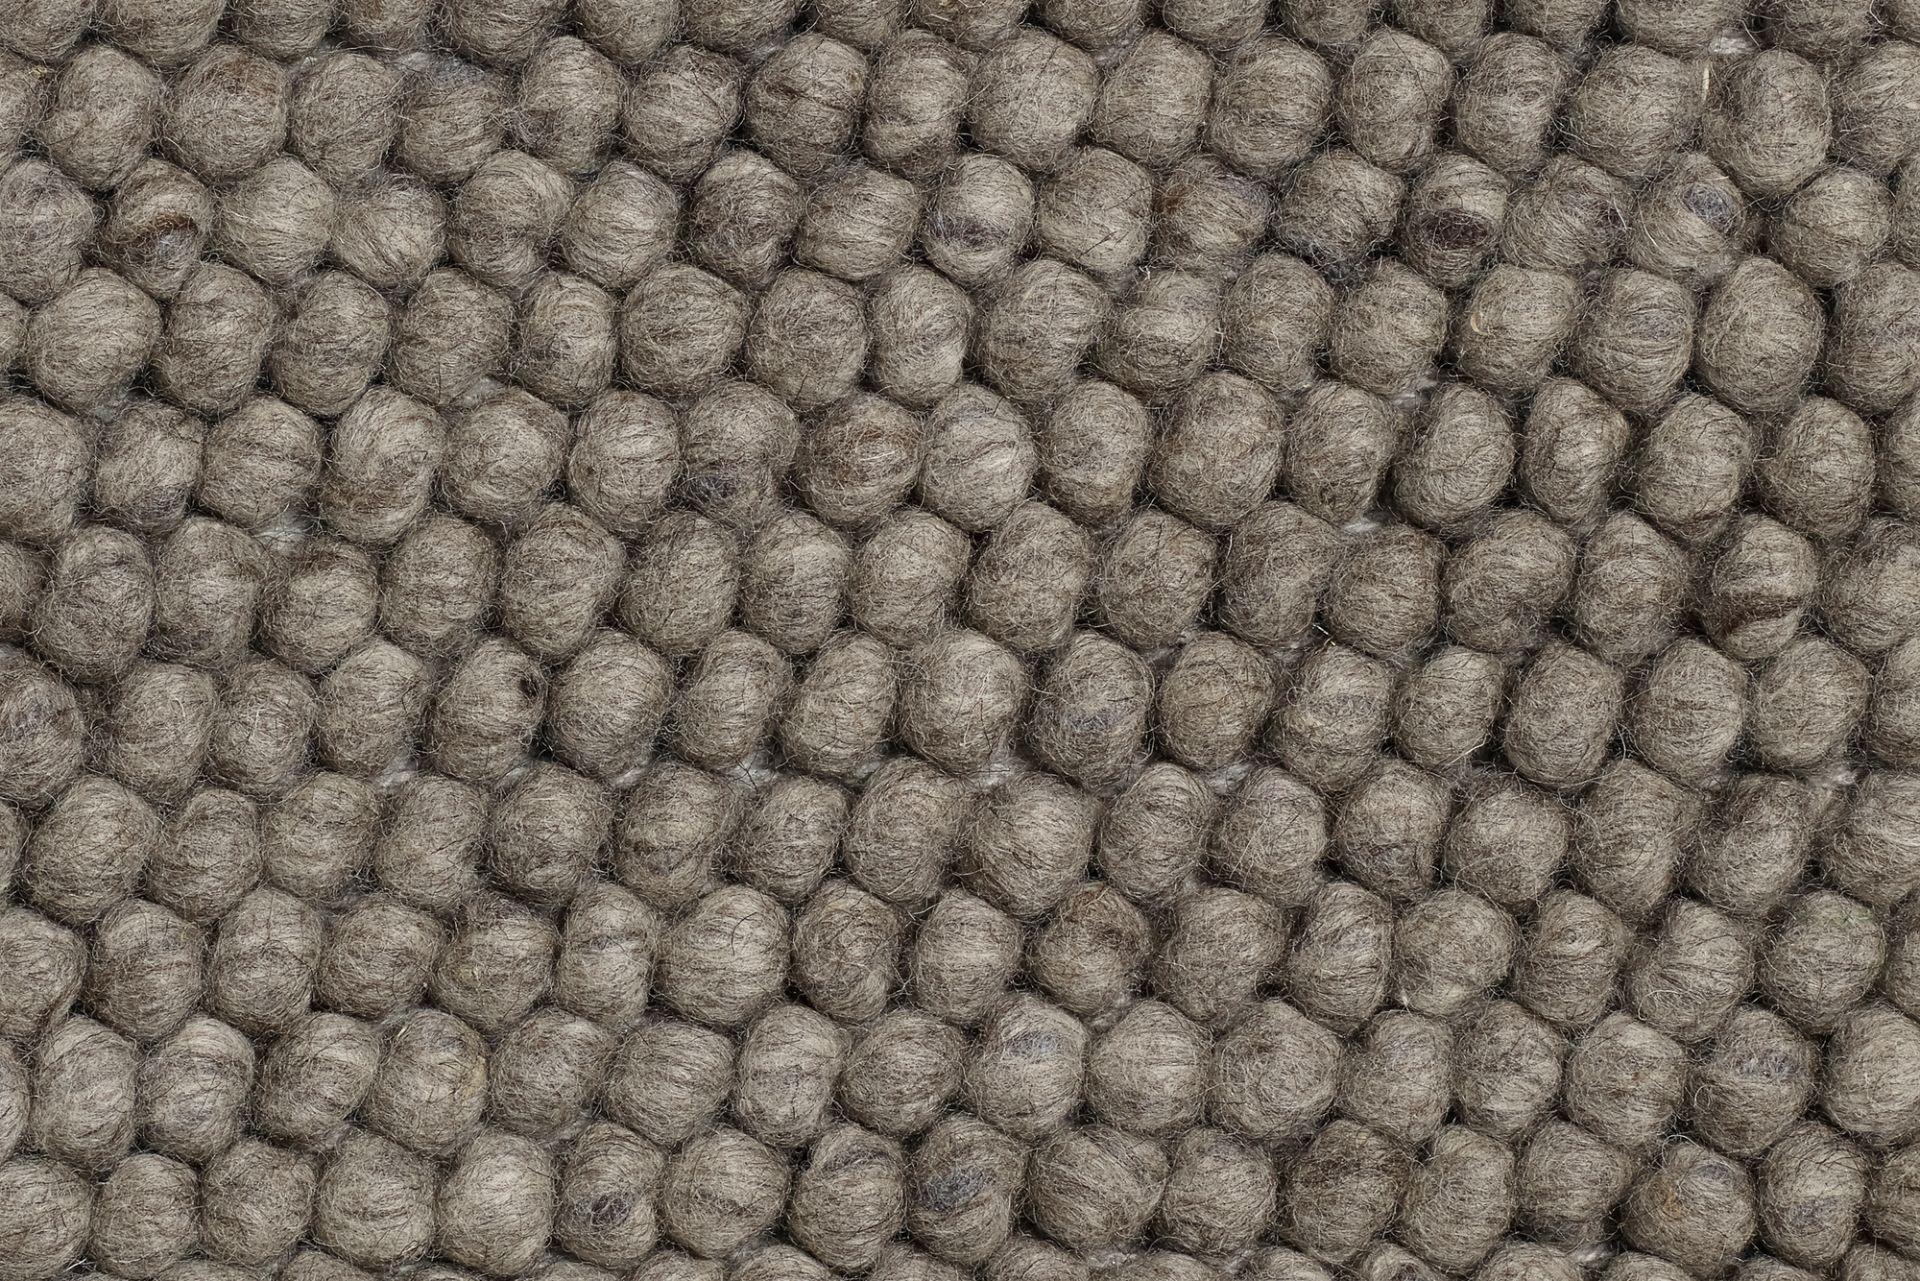 Peas Teppich L 200 x B 80 cm Soft grau Hay